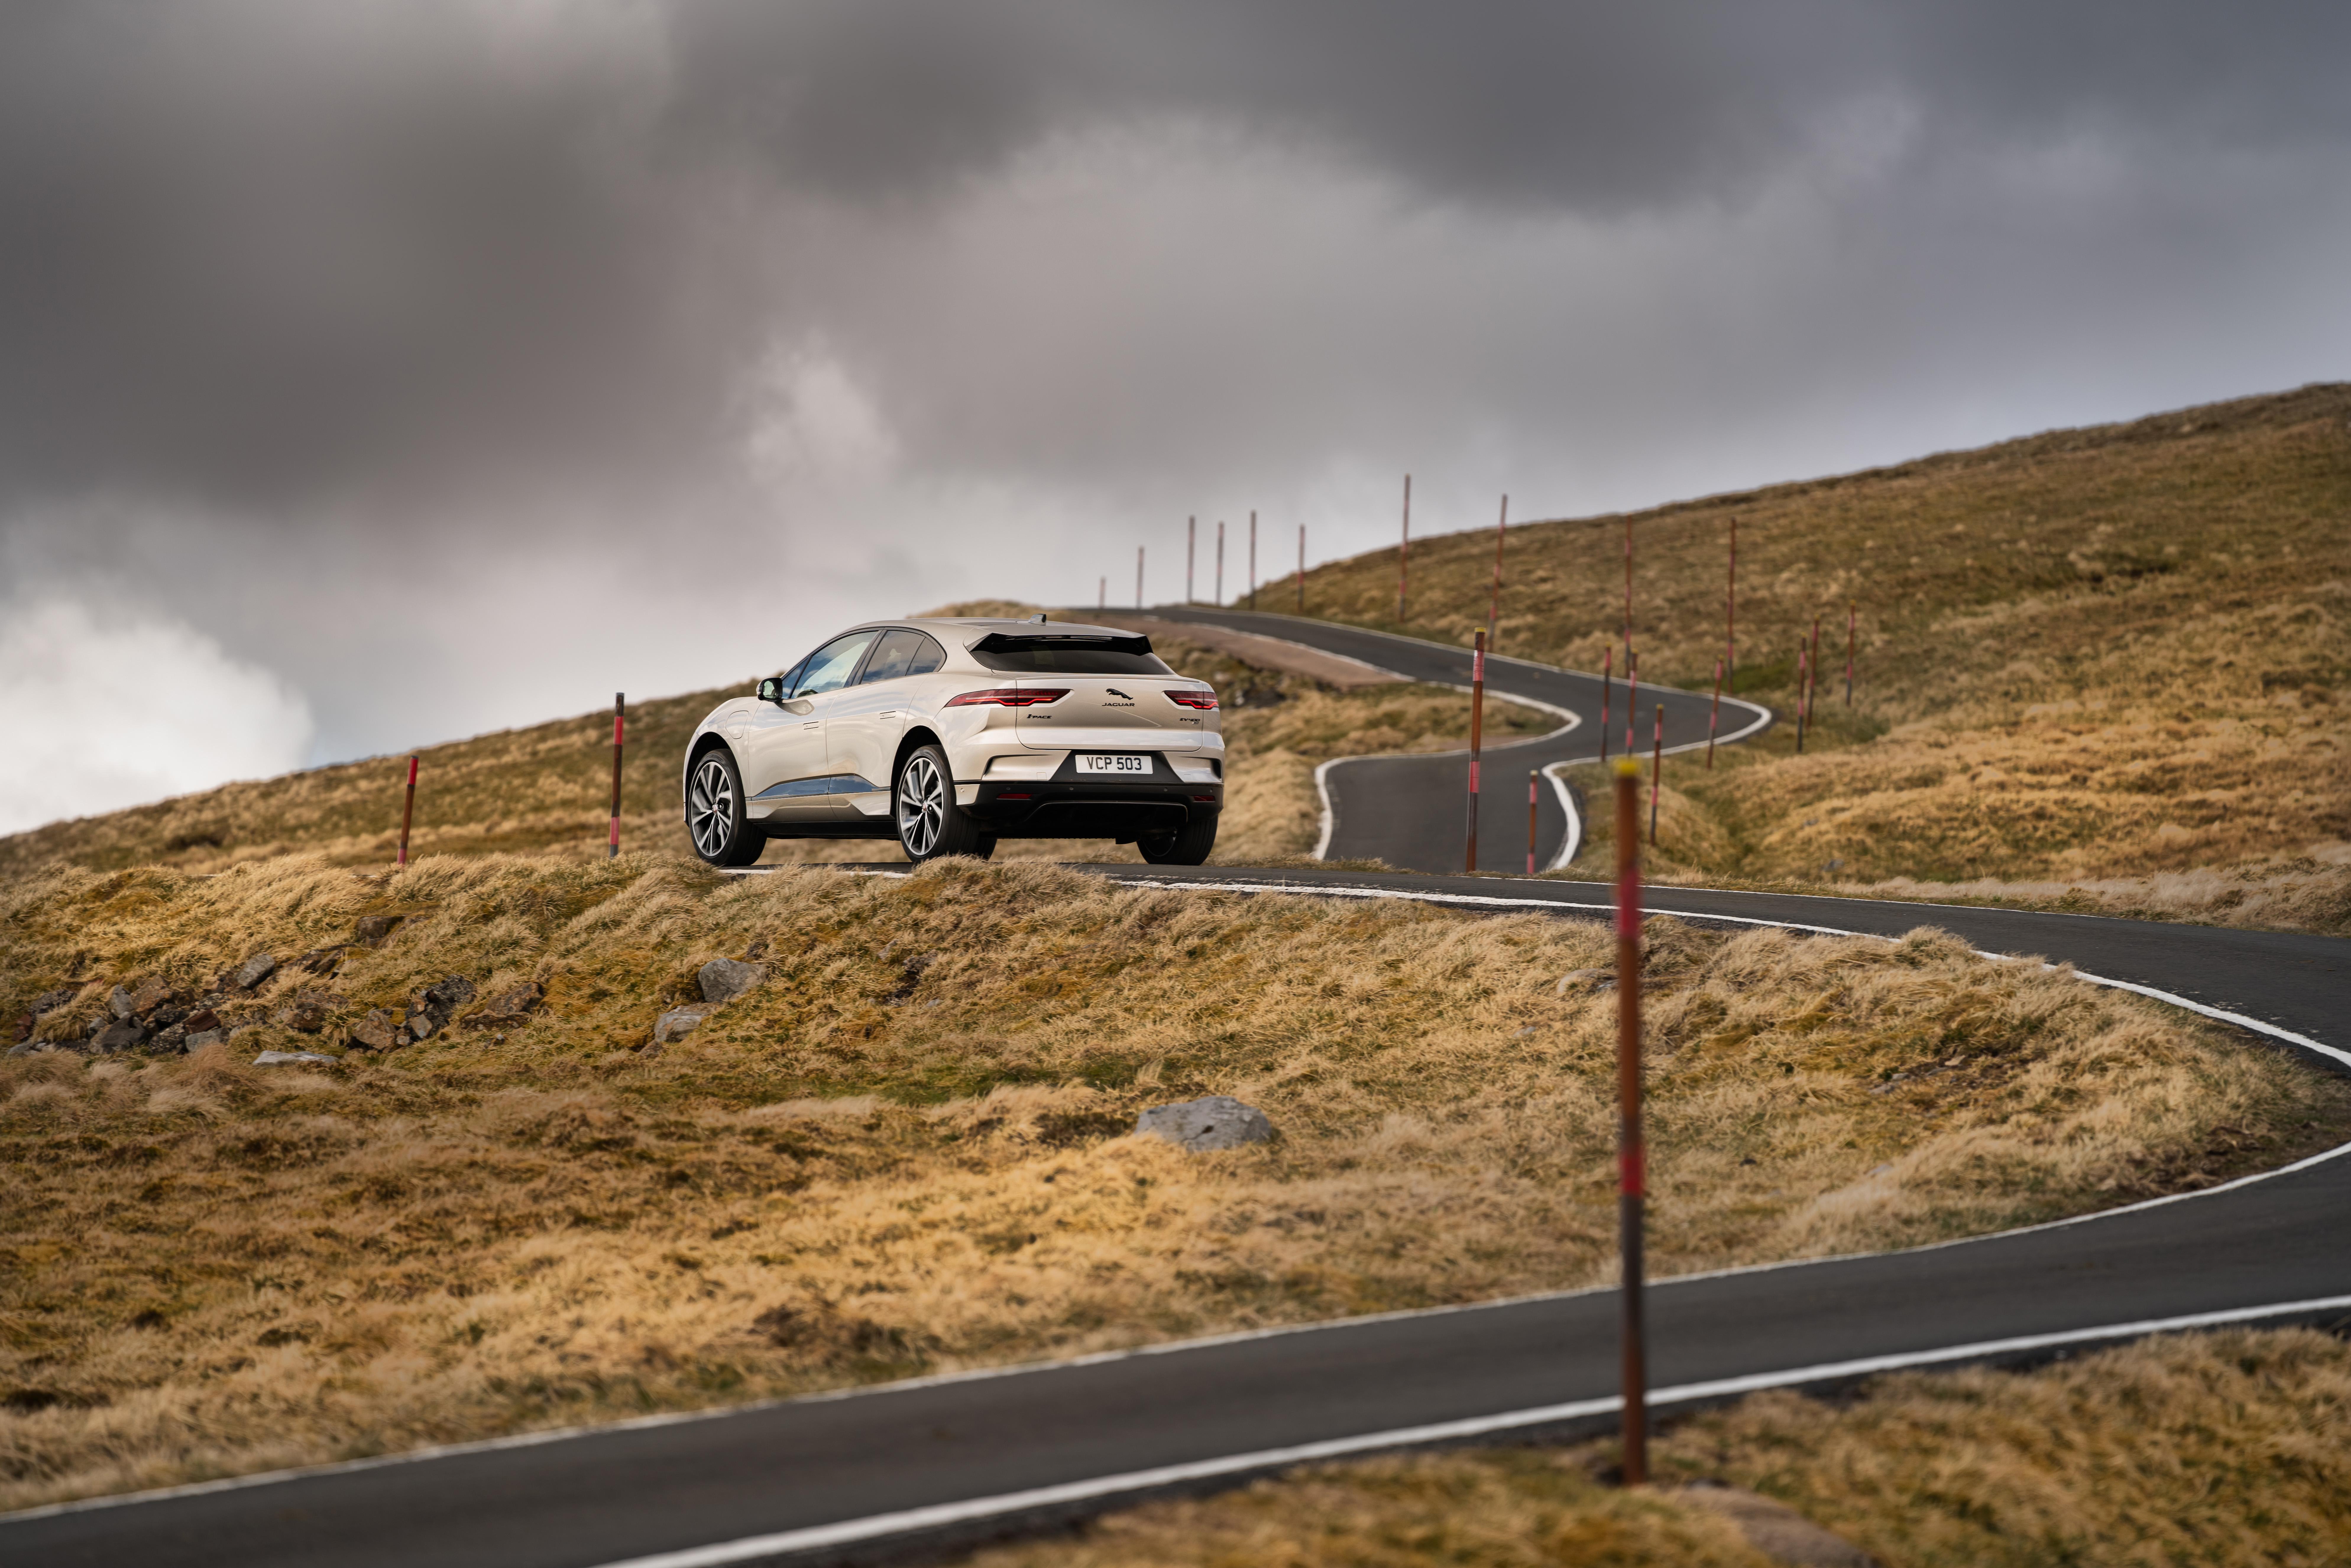 coches electricos carretera